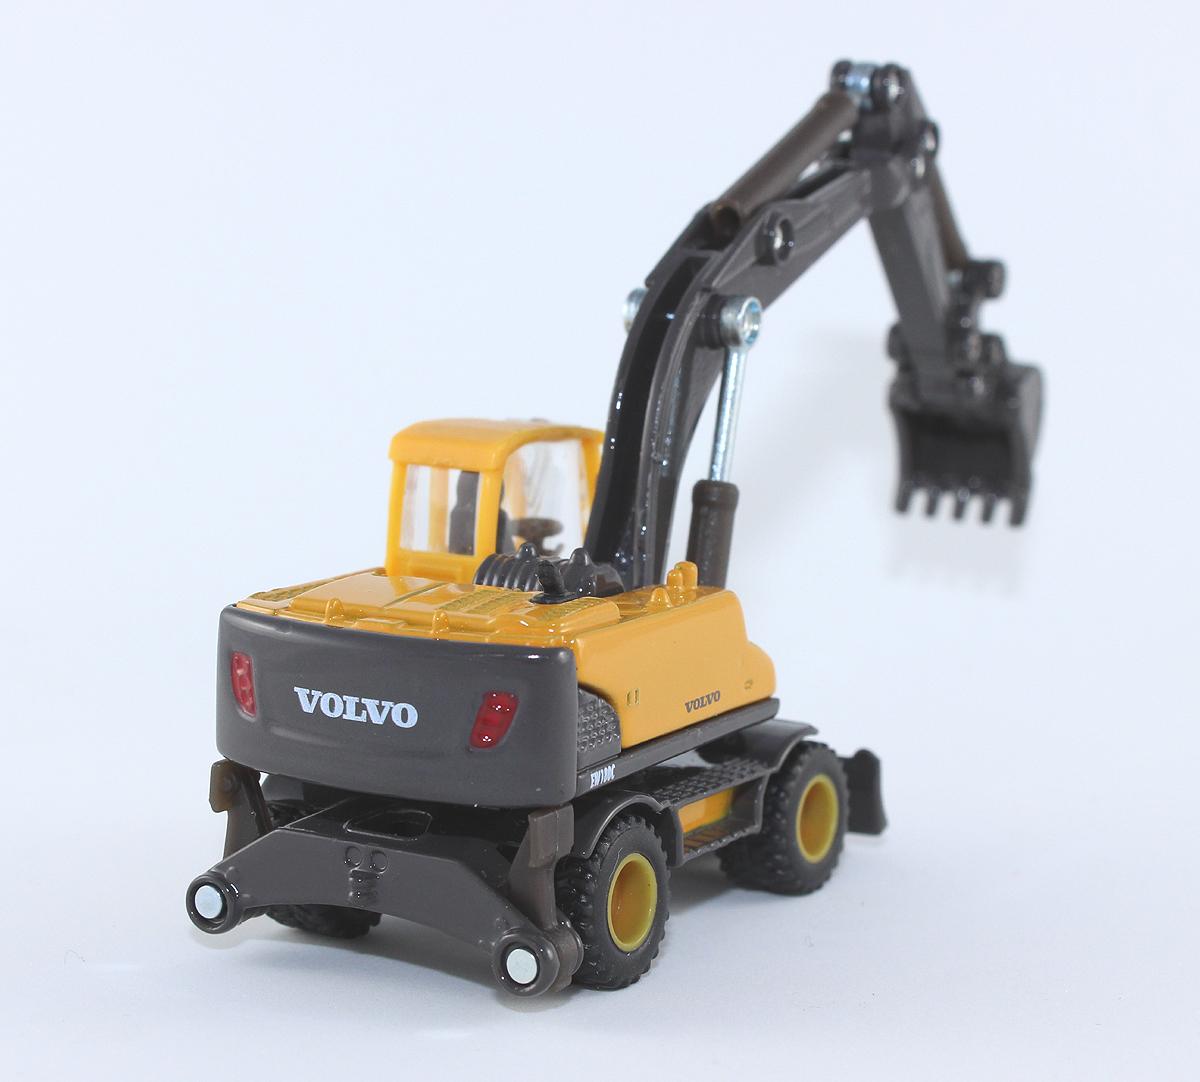 Volvo Mobile Excavator